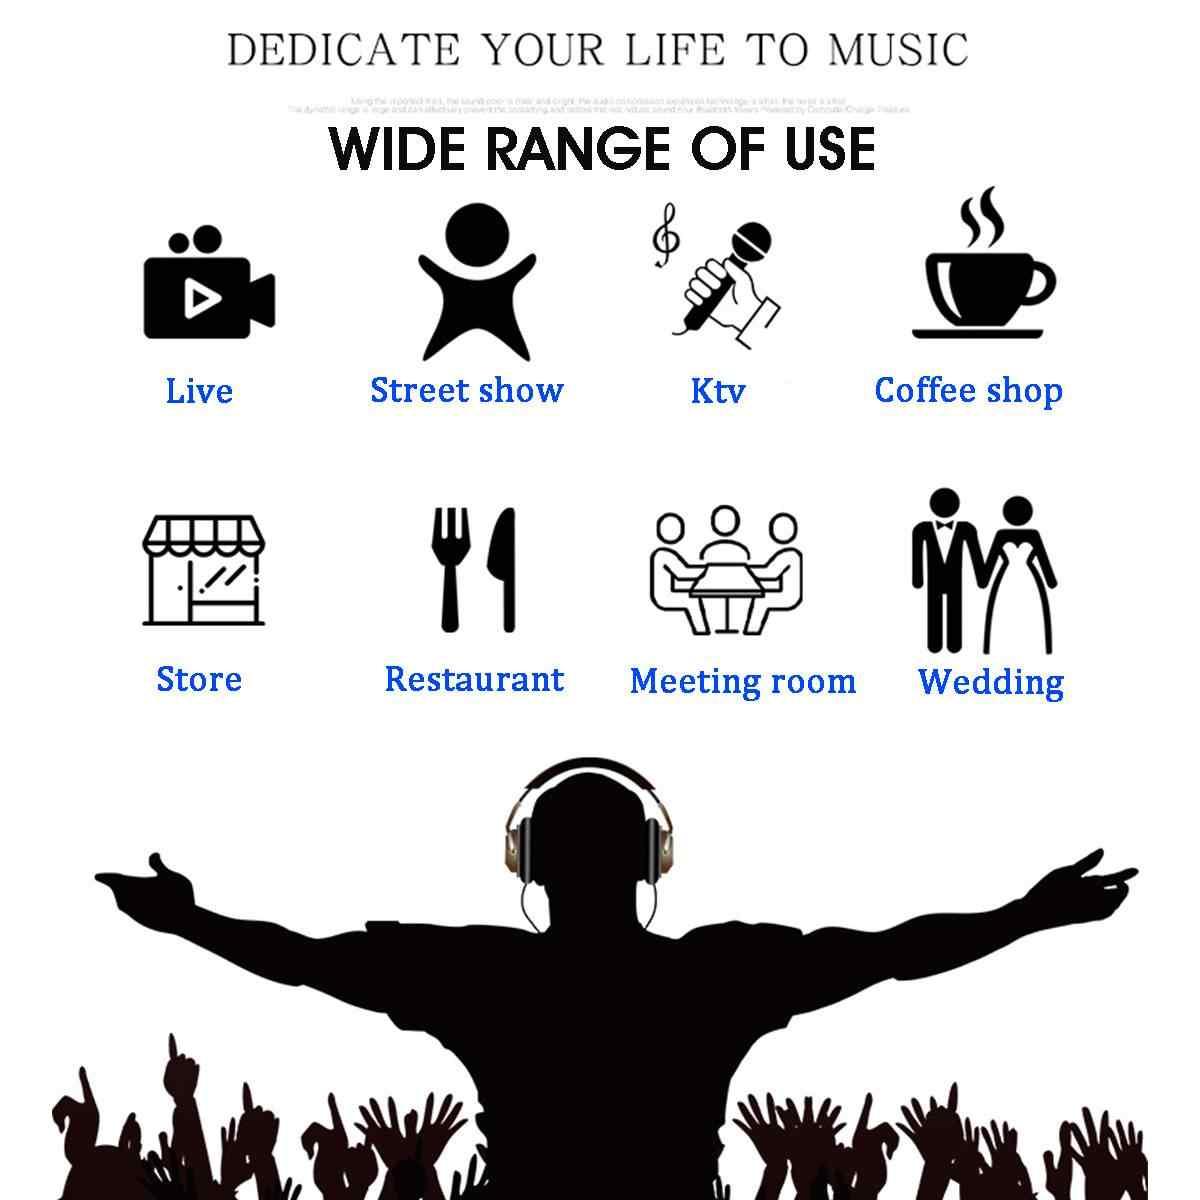 Leory 7 チャンネル bluetooth カラオケプレーヤー dj マイクオーディオミキサー contrl led デジタルディスプレイ音楽ストリームカラオケ ktv 一致パーティー